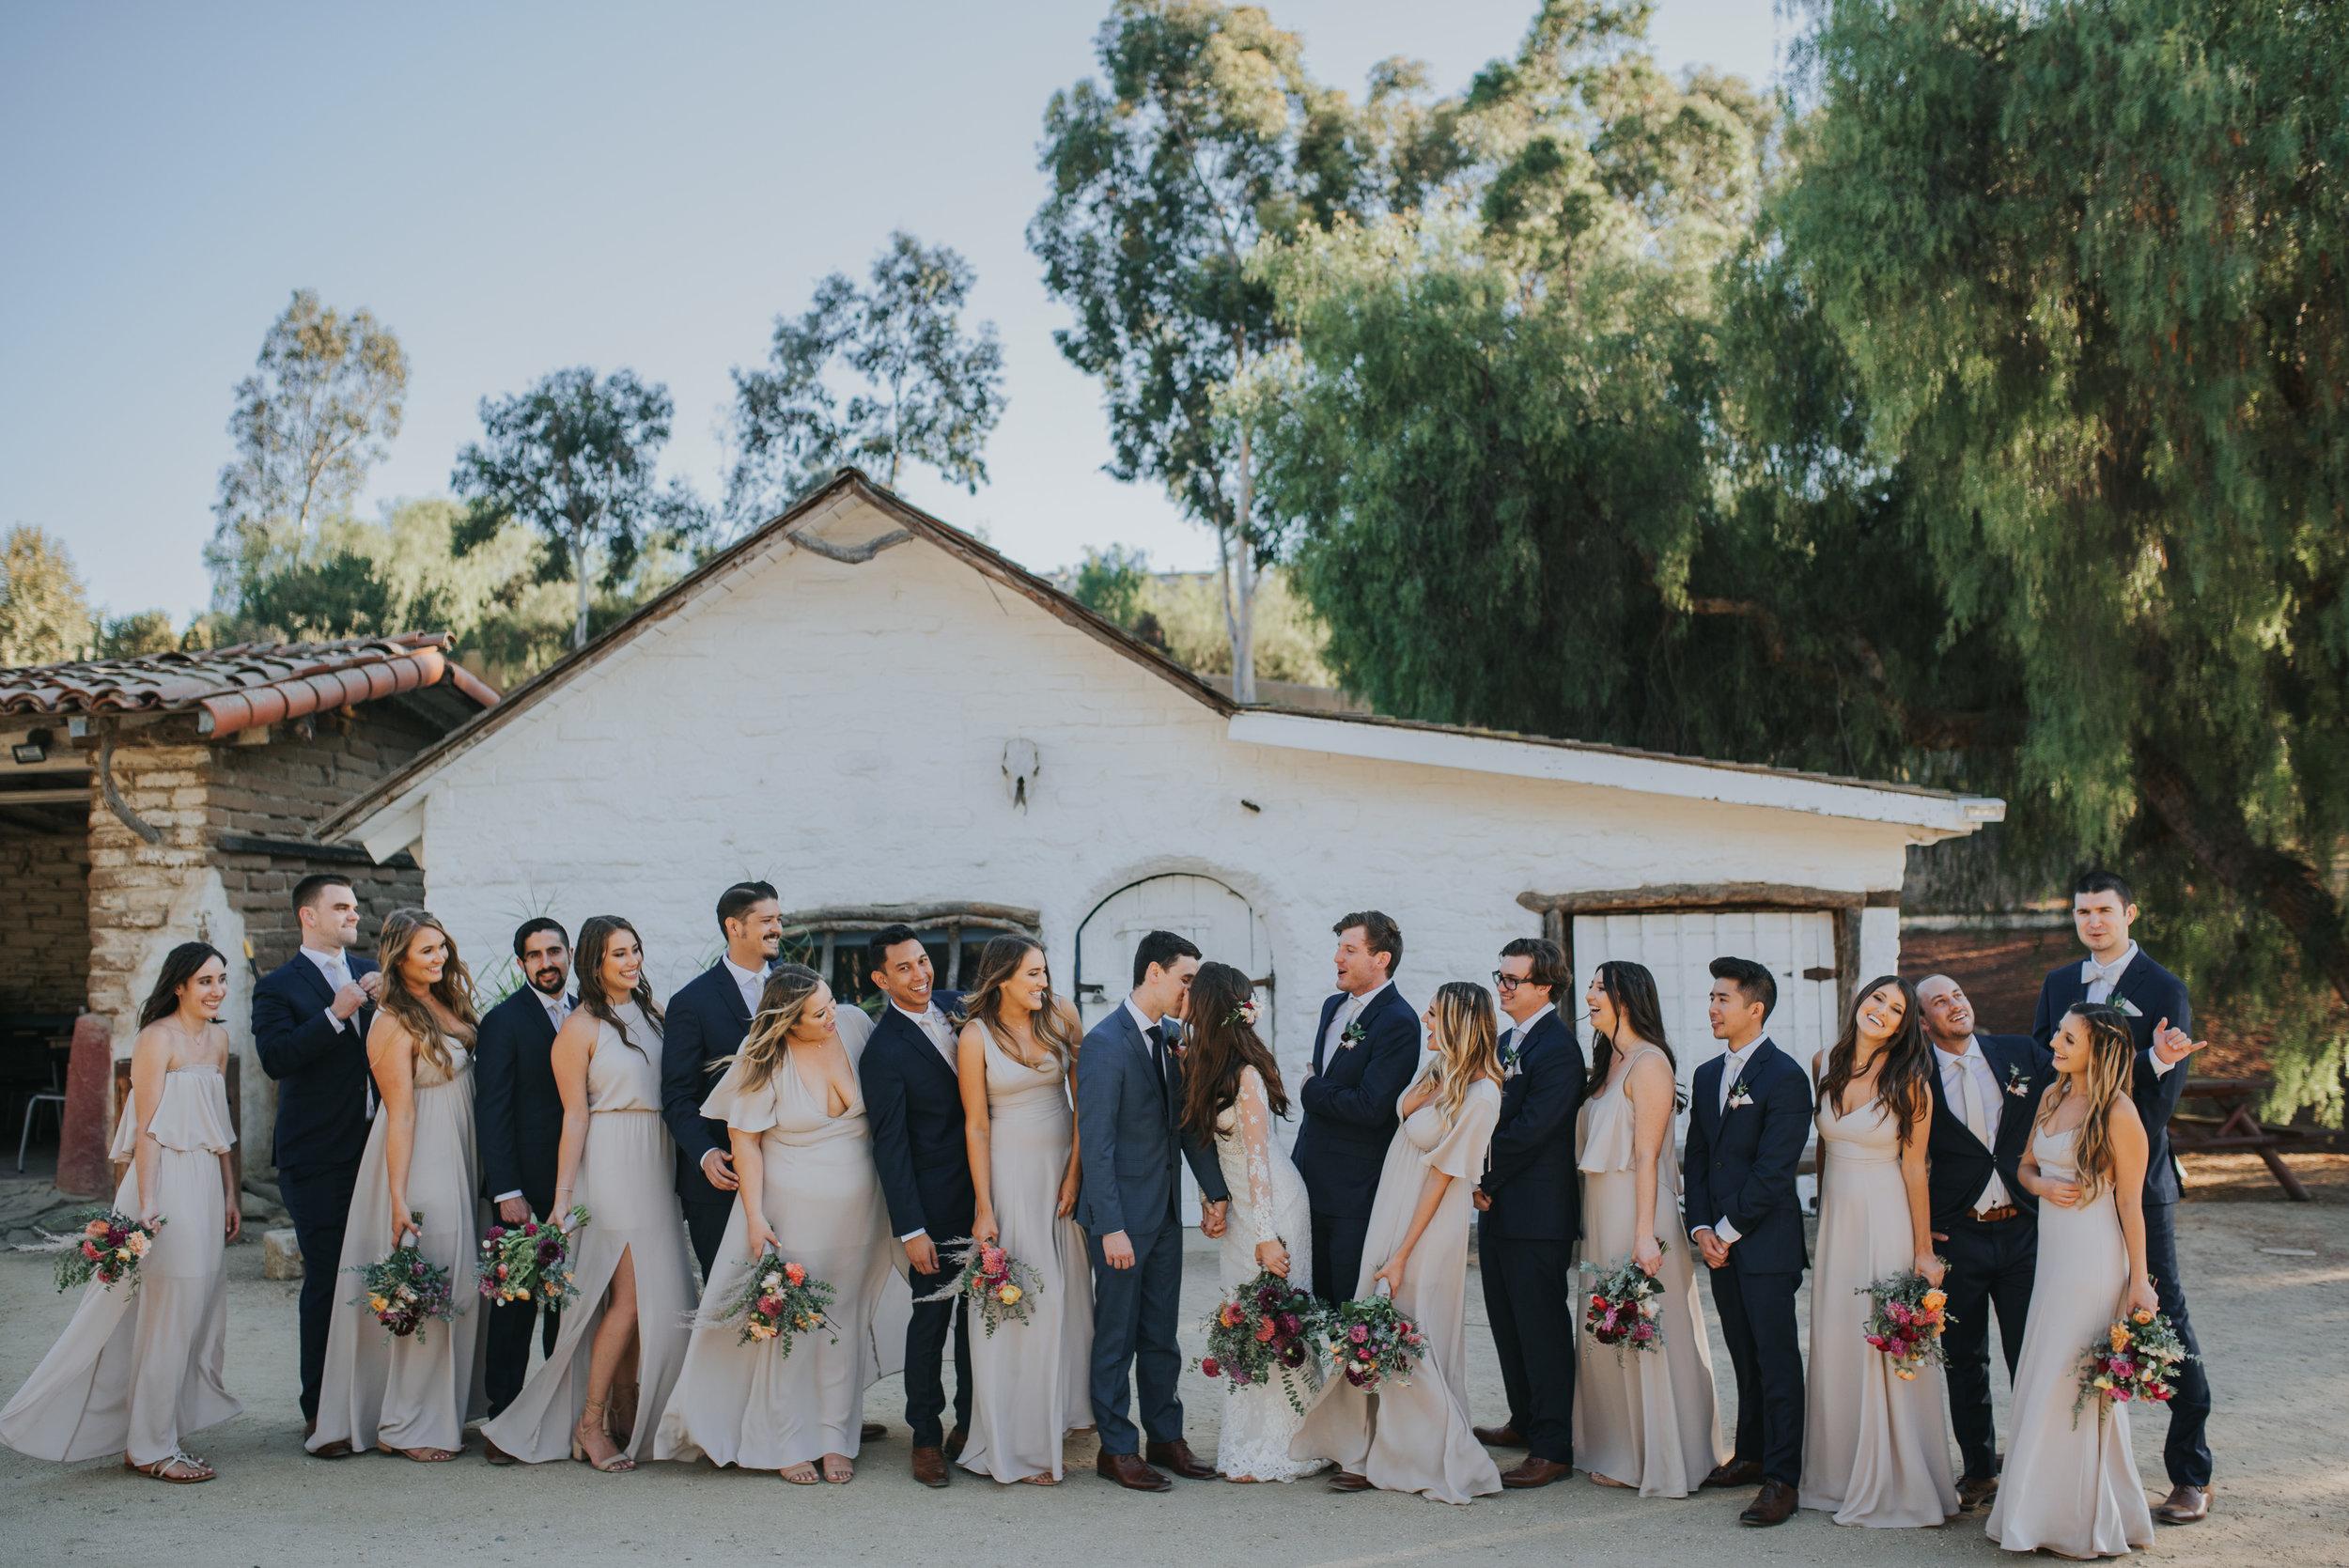 weddingparty-127.jpg